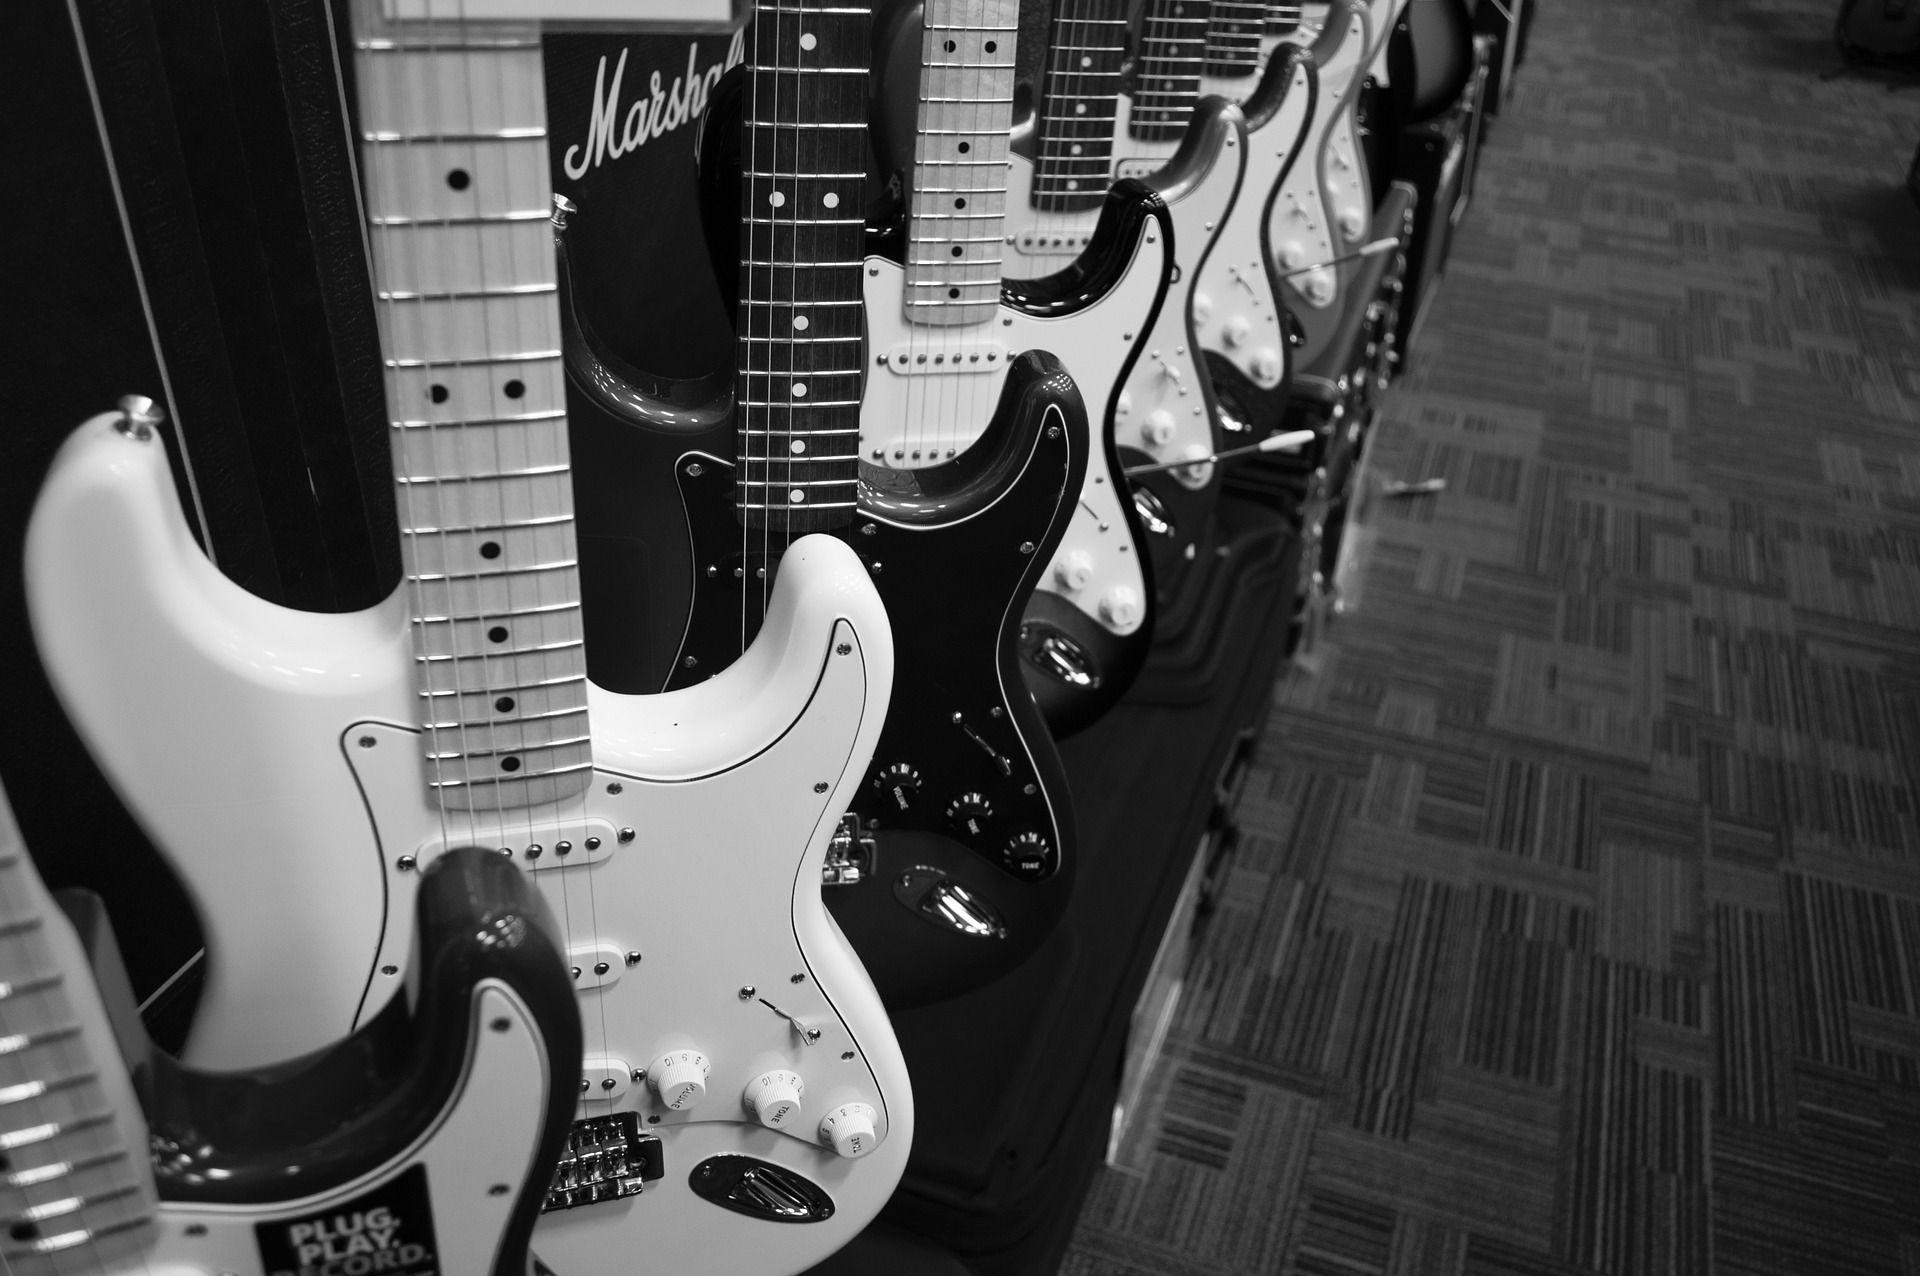 Dónde-puedo-comprar-mi-primer-guitarra